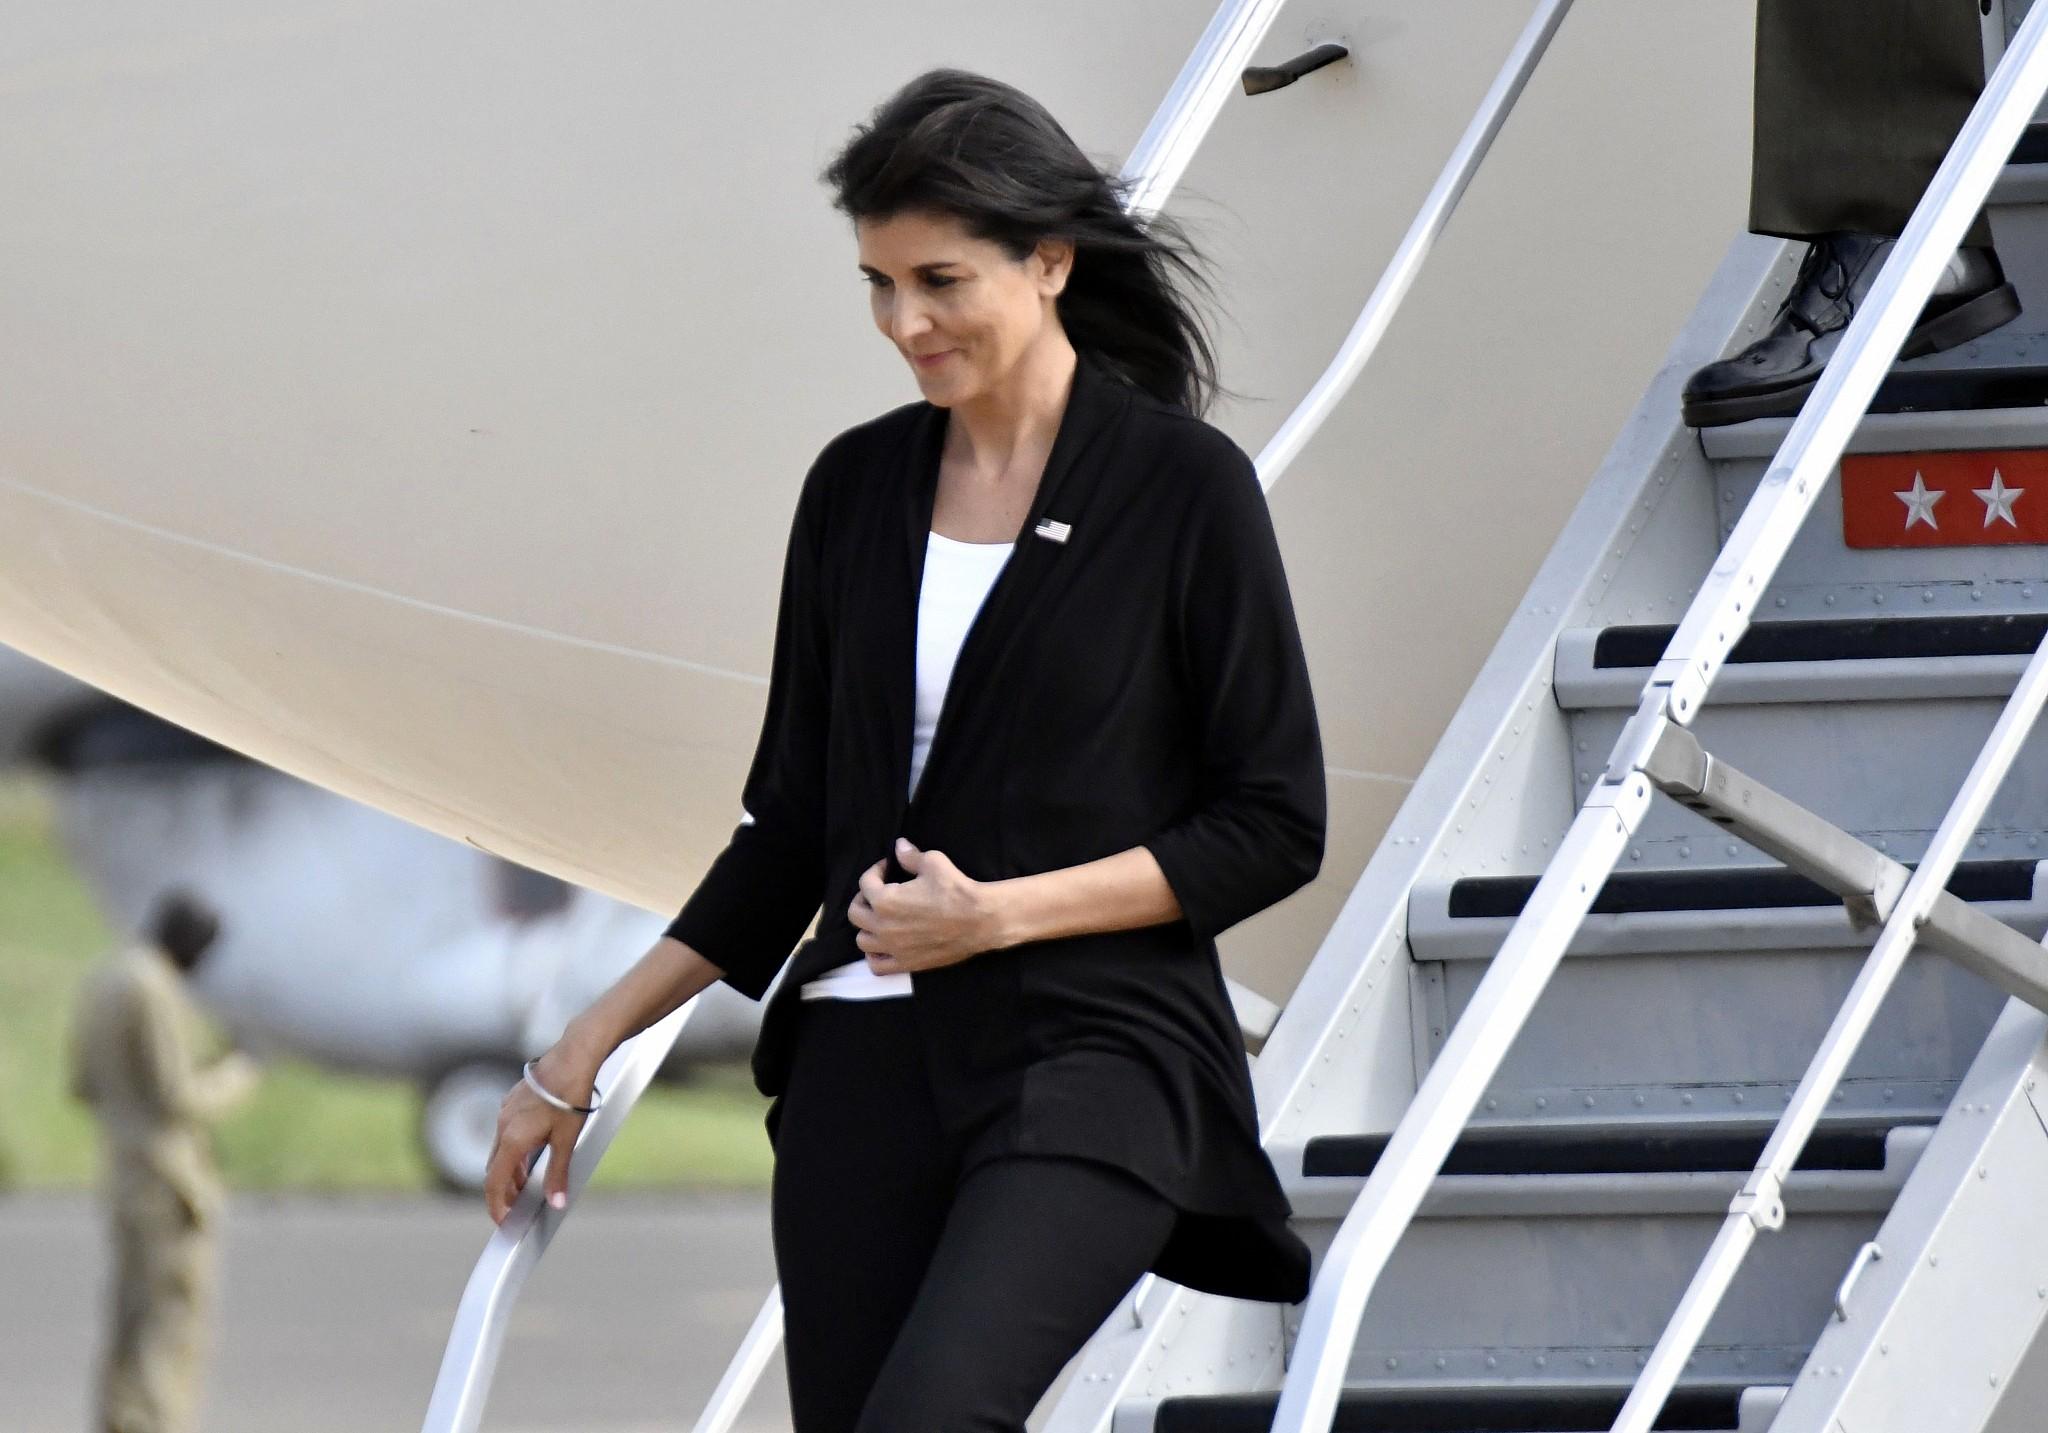 Karşılıksız Lüks Uçuşlar,BM ABD Büyükelçisi Nikki Haley'i İstifa Ettirdi